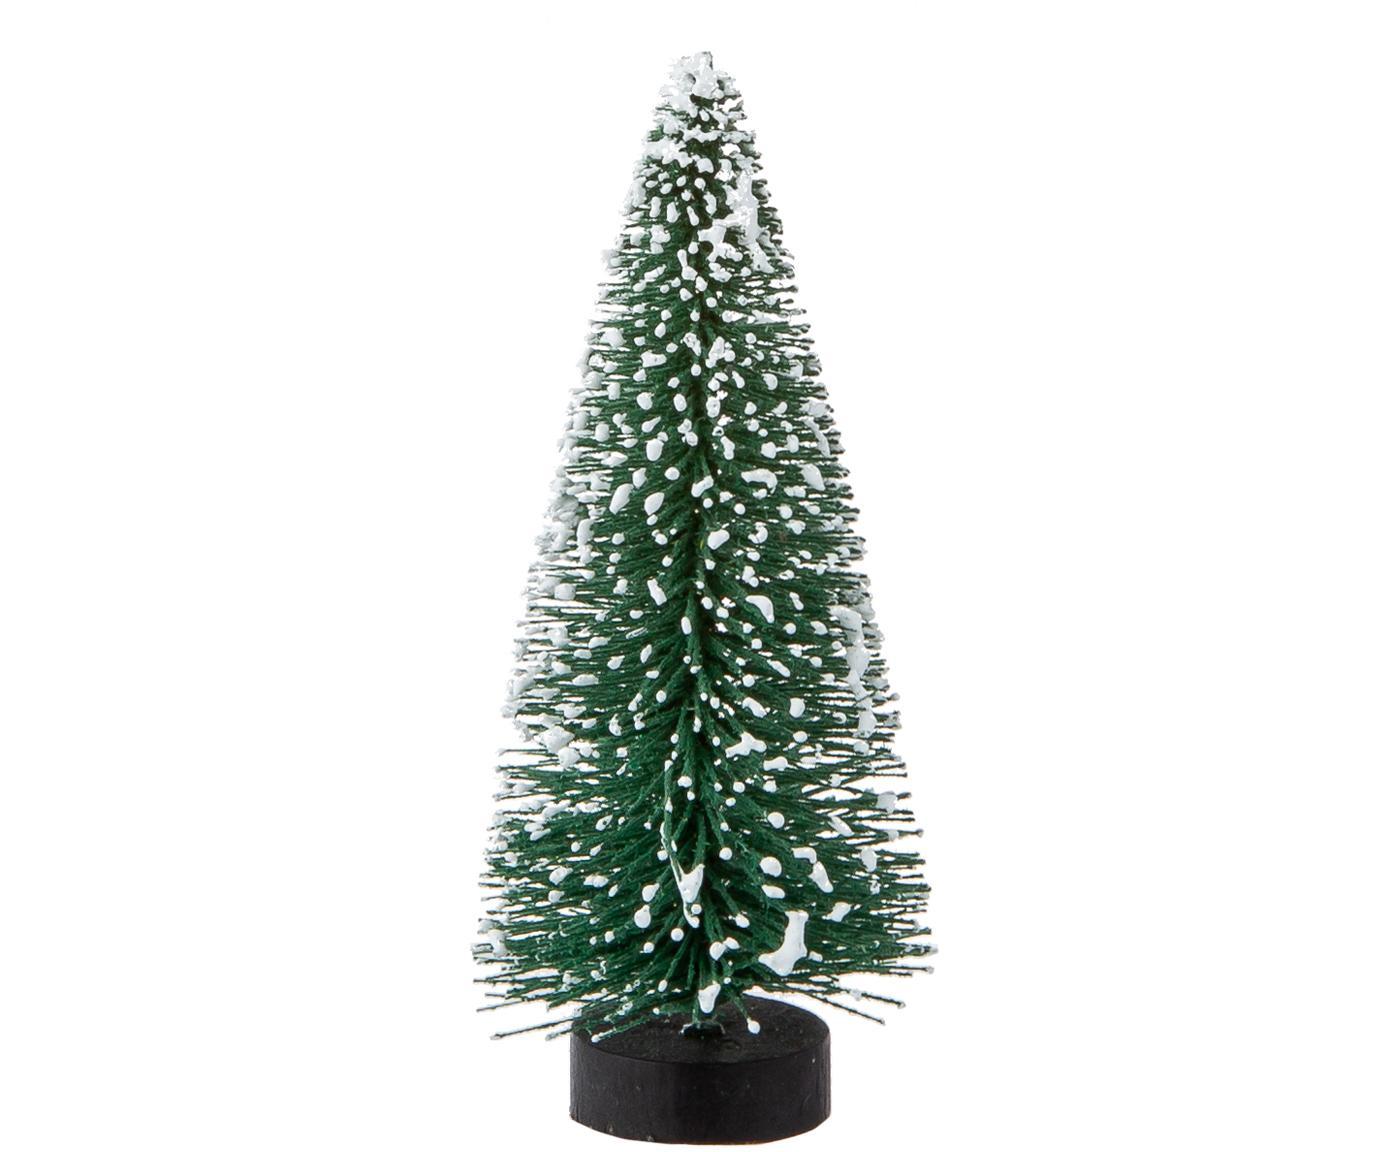 Adornos navideños Winter Forest, 3 uds., Plástico, alambre de metal, Verde, Ø 4 x Al 10 cm